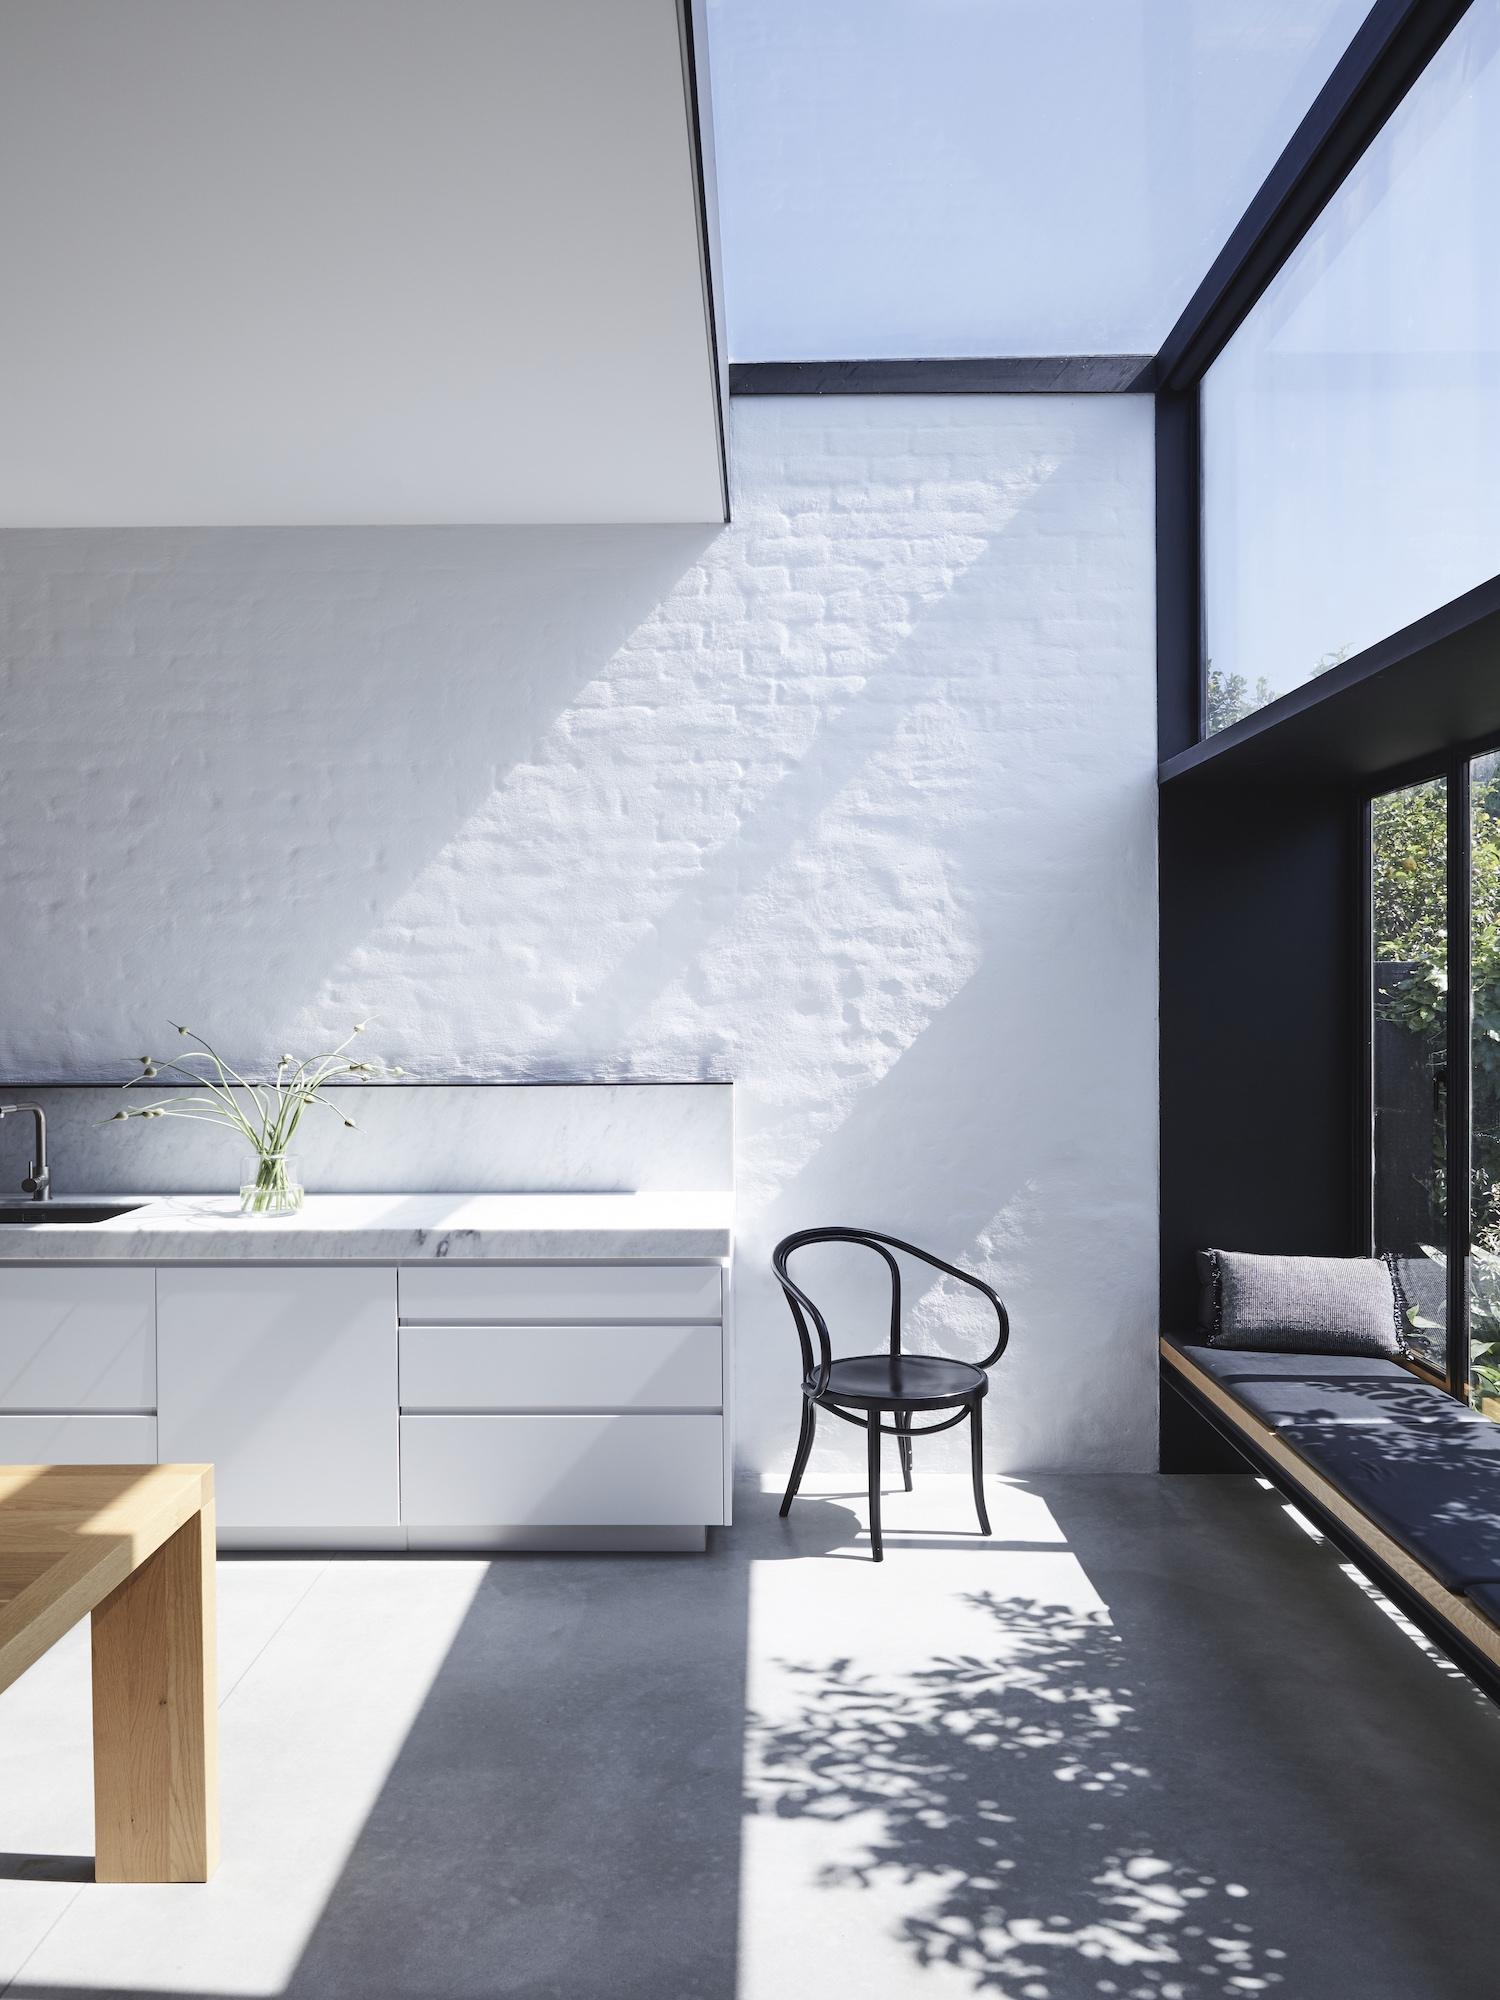 est living monatgue house nexus designs 06